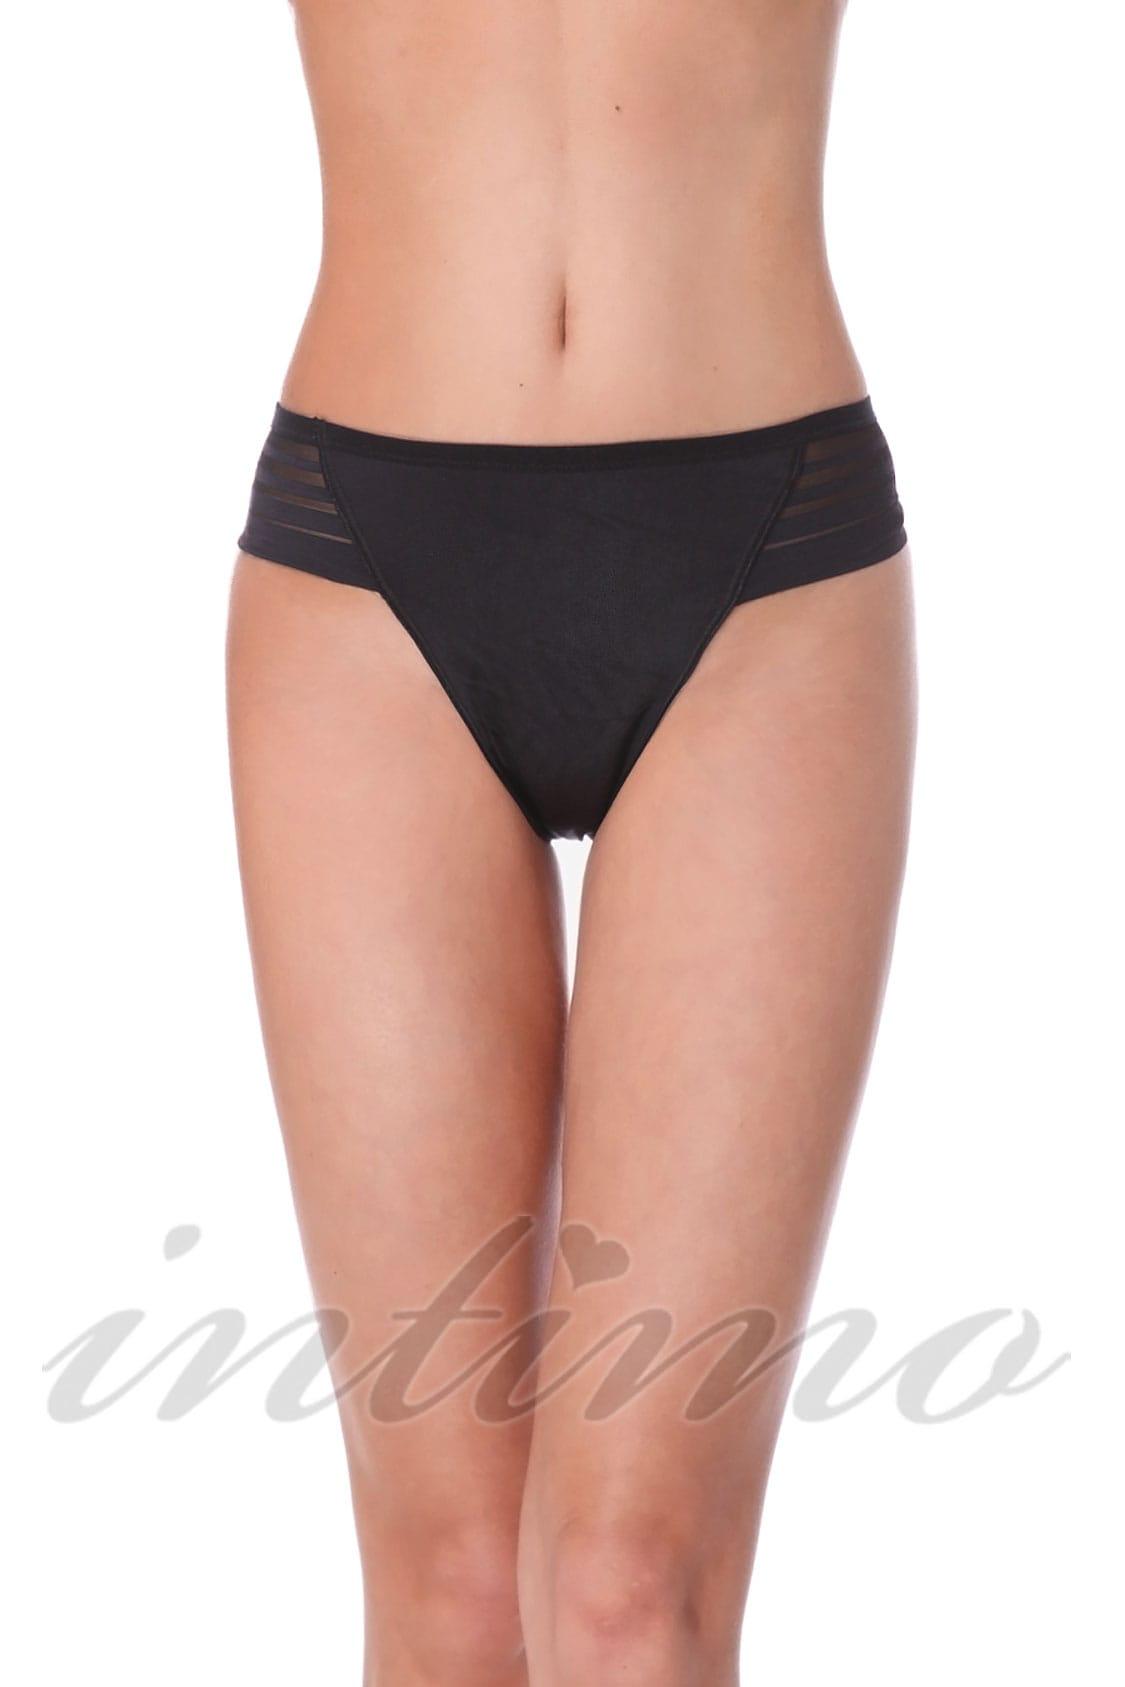 Thong panties Intimo 6454 (26191) price in Kiev, panties ...